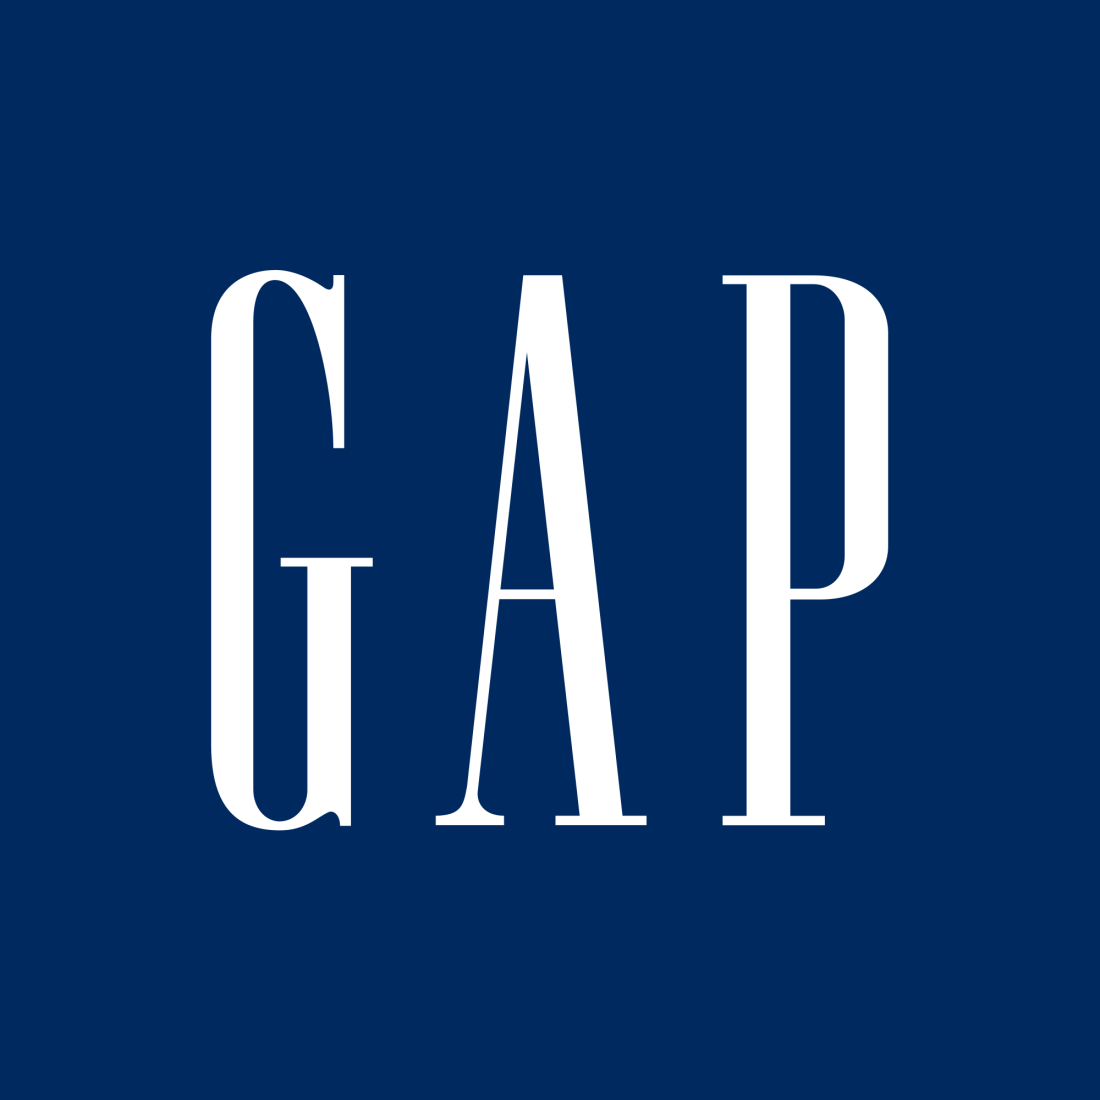 Demandada Gap Inc. y Gap Puerto Rico alegando discrimen por edad